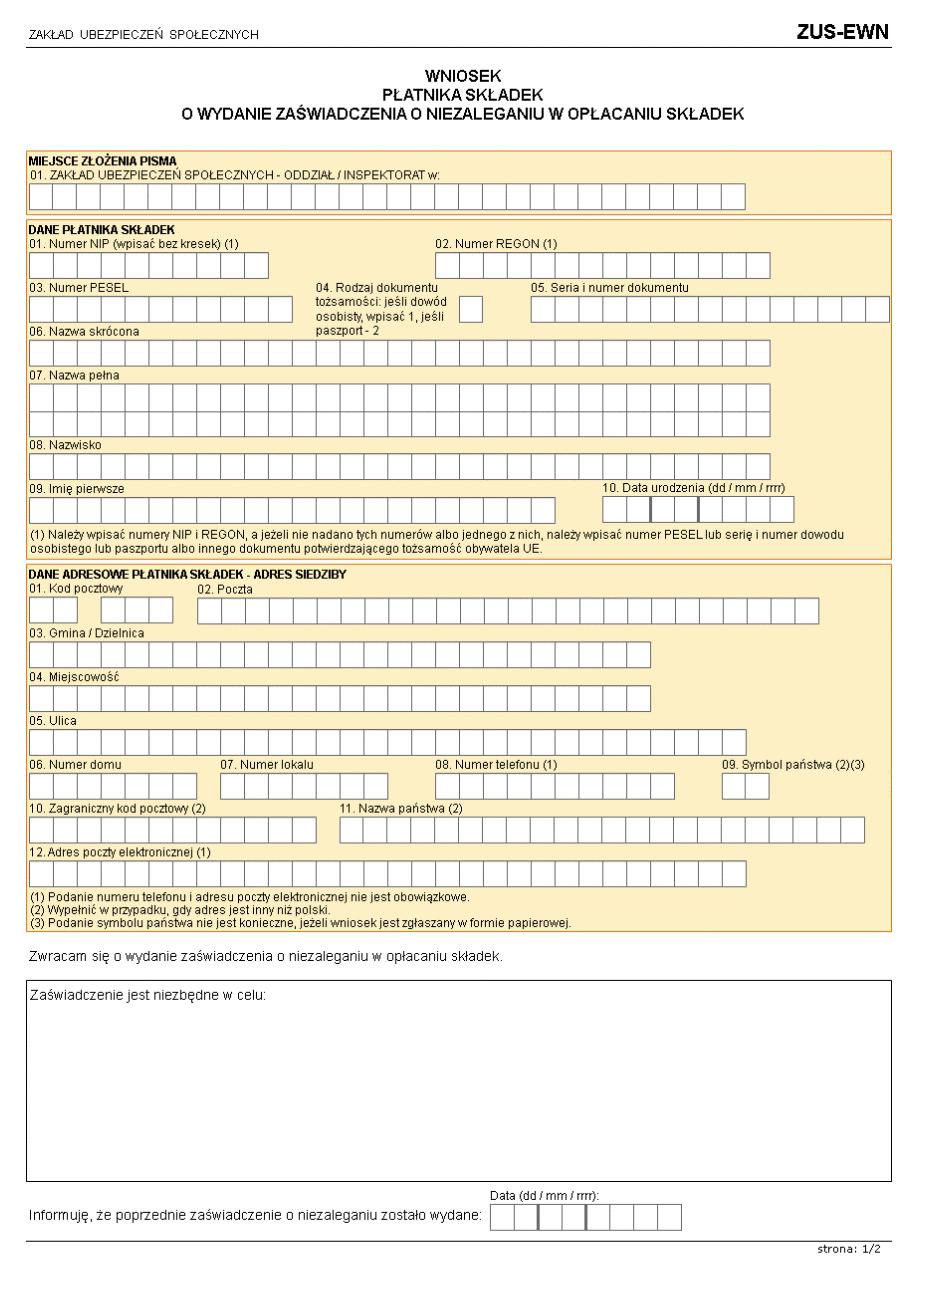 ZUS-EWN Wniosek płatnika składek o wydanie zaświadczenia o niezaleganiu w opłacaniu składek